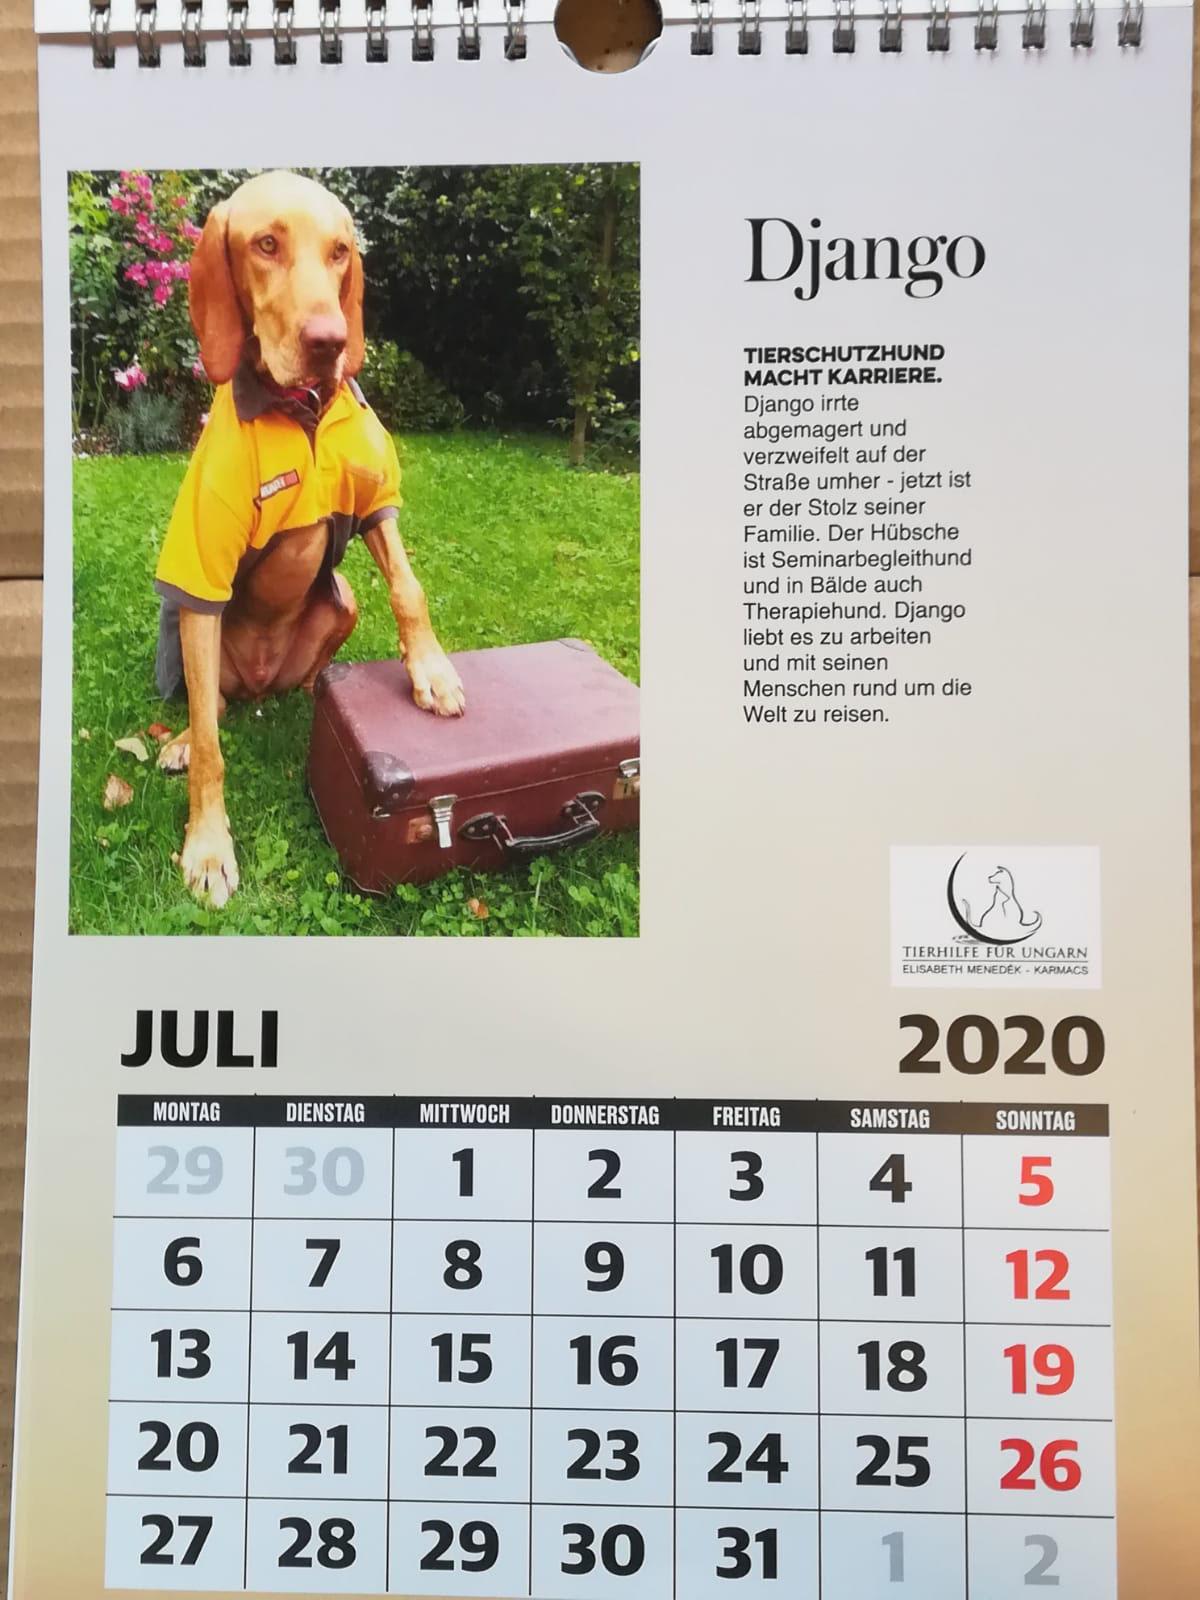 (c) Ungarn-tierhilfe.at